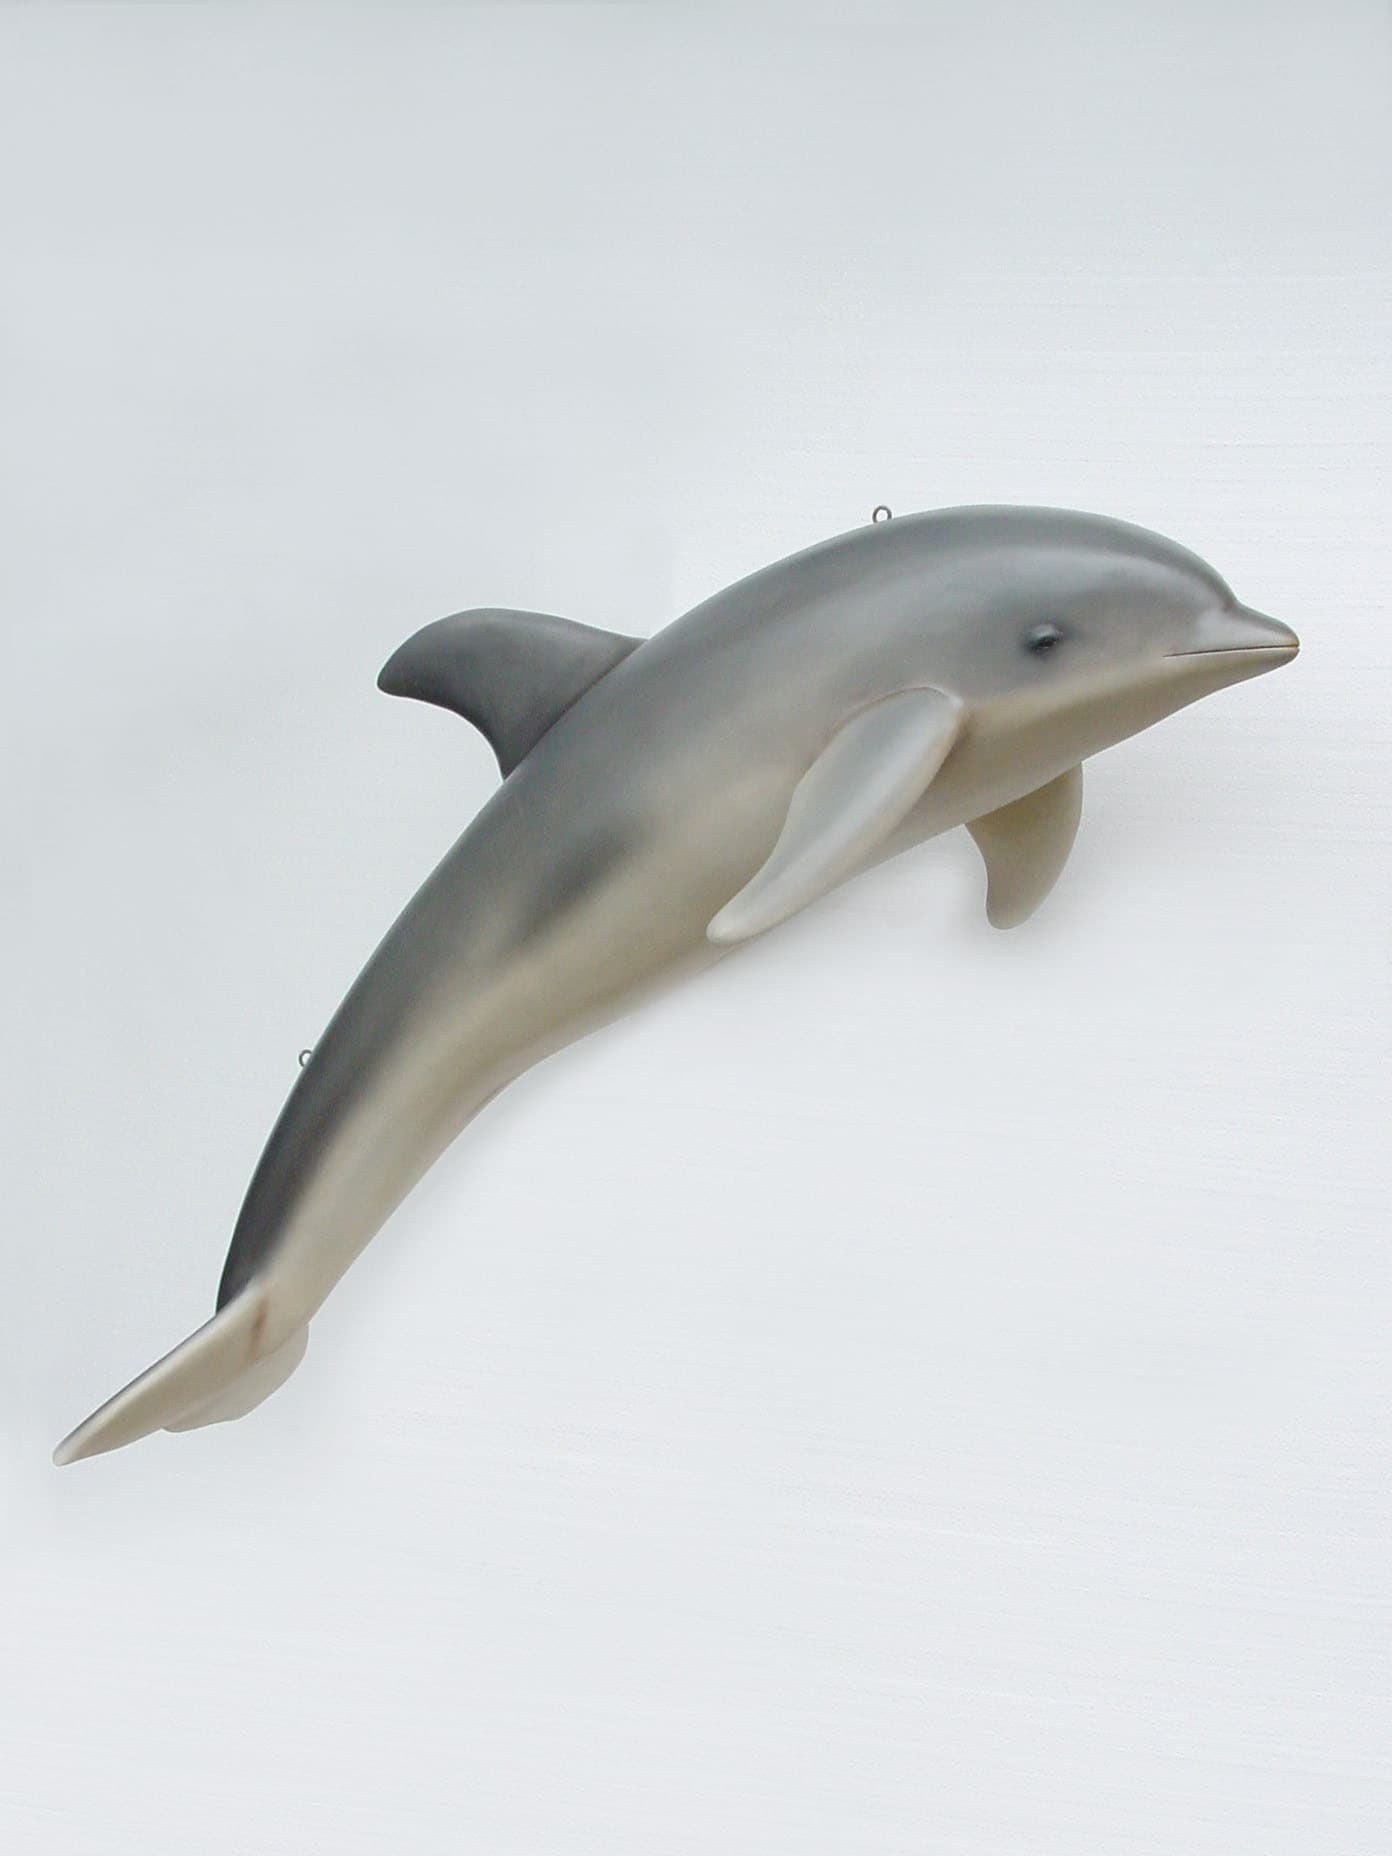 פסל של דולפין לתליה